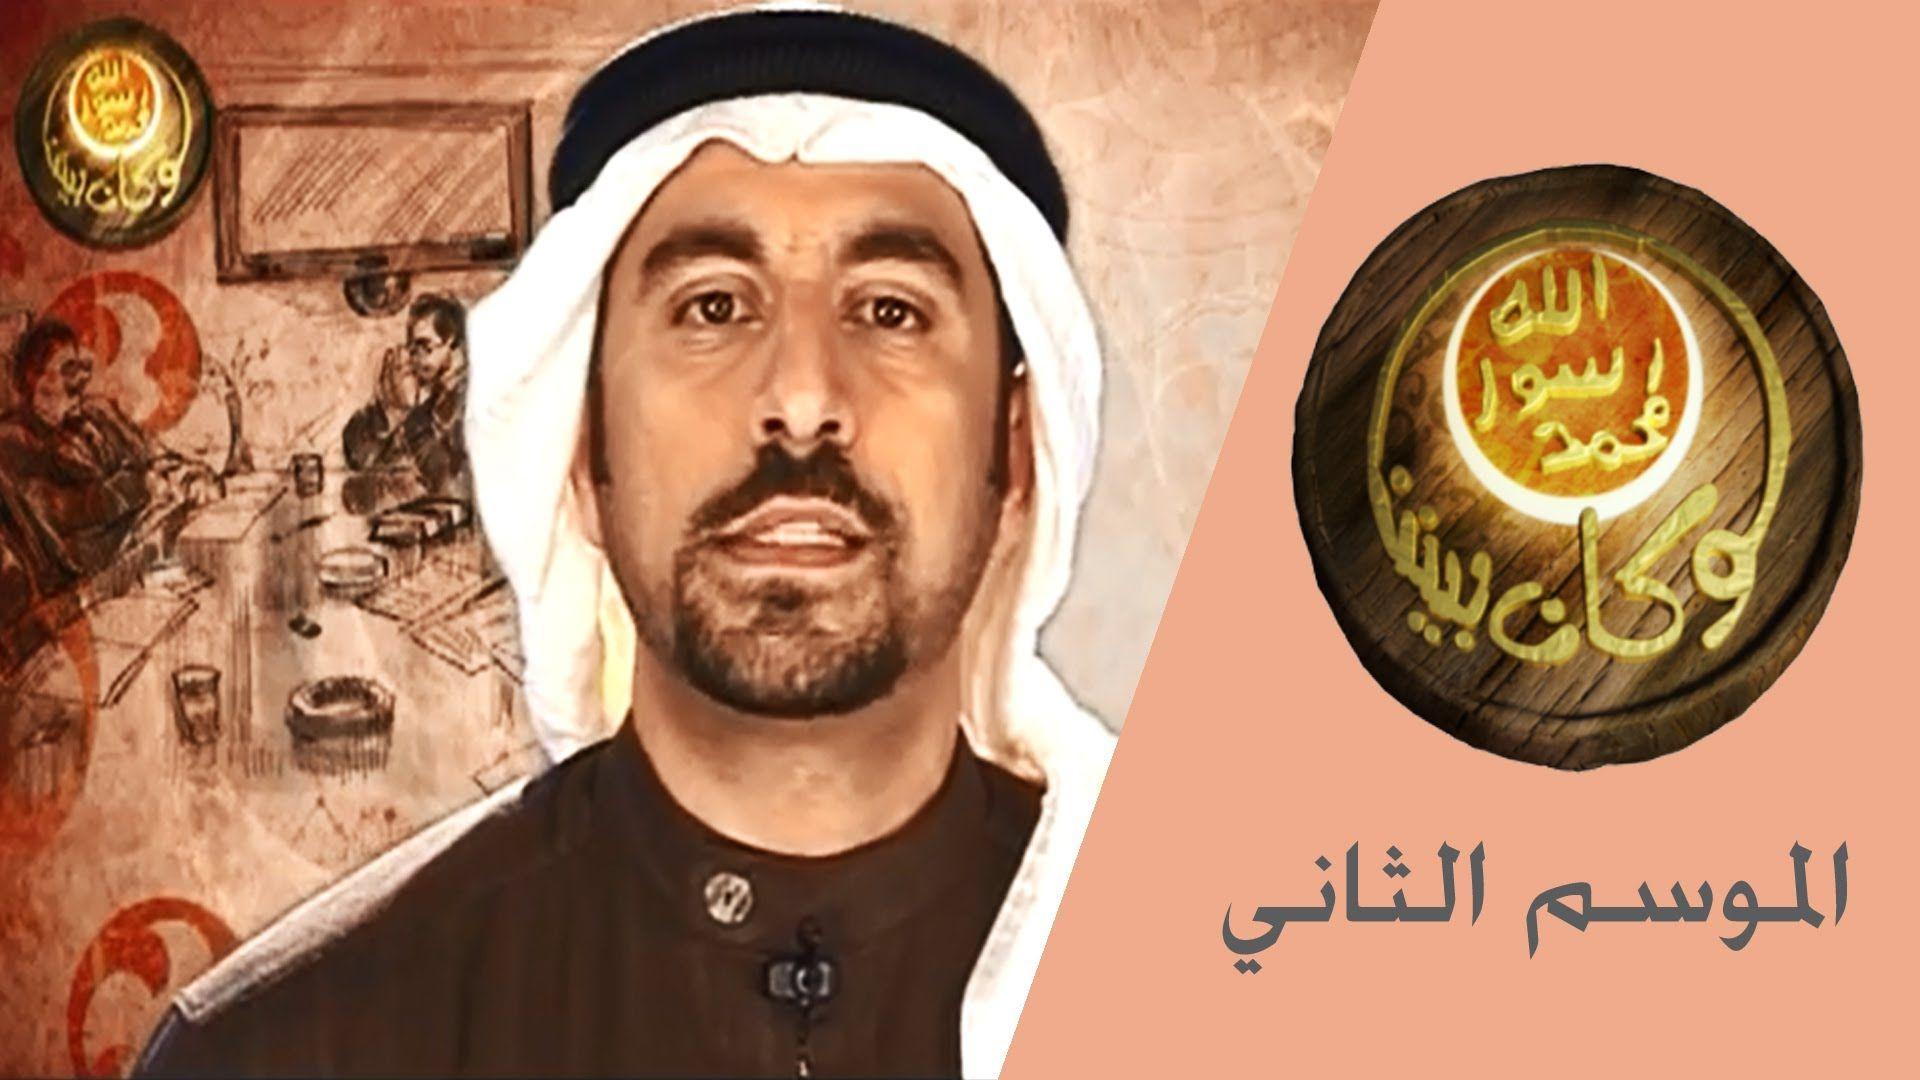 رابع برنامج يهدف الى تحقيق السنة النبوية في الاعمال اليومية باستحضار النبي محمد في الزمن المعاصر Movie Posters Movies Poster